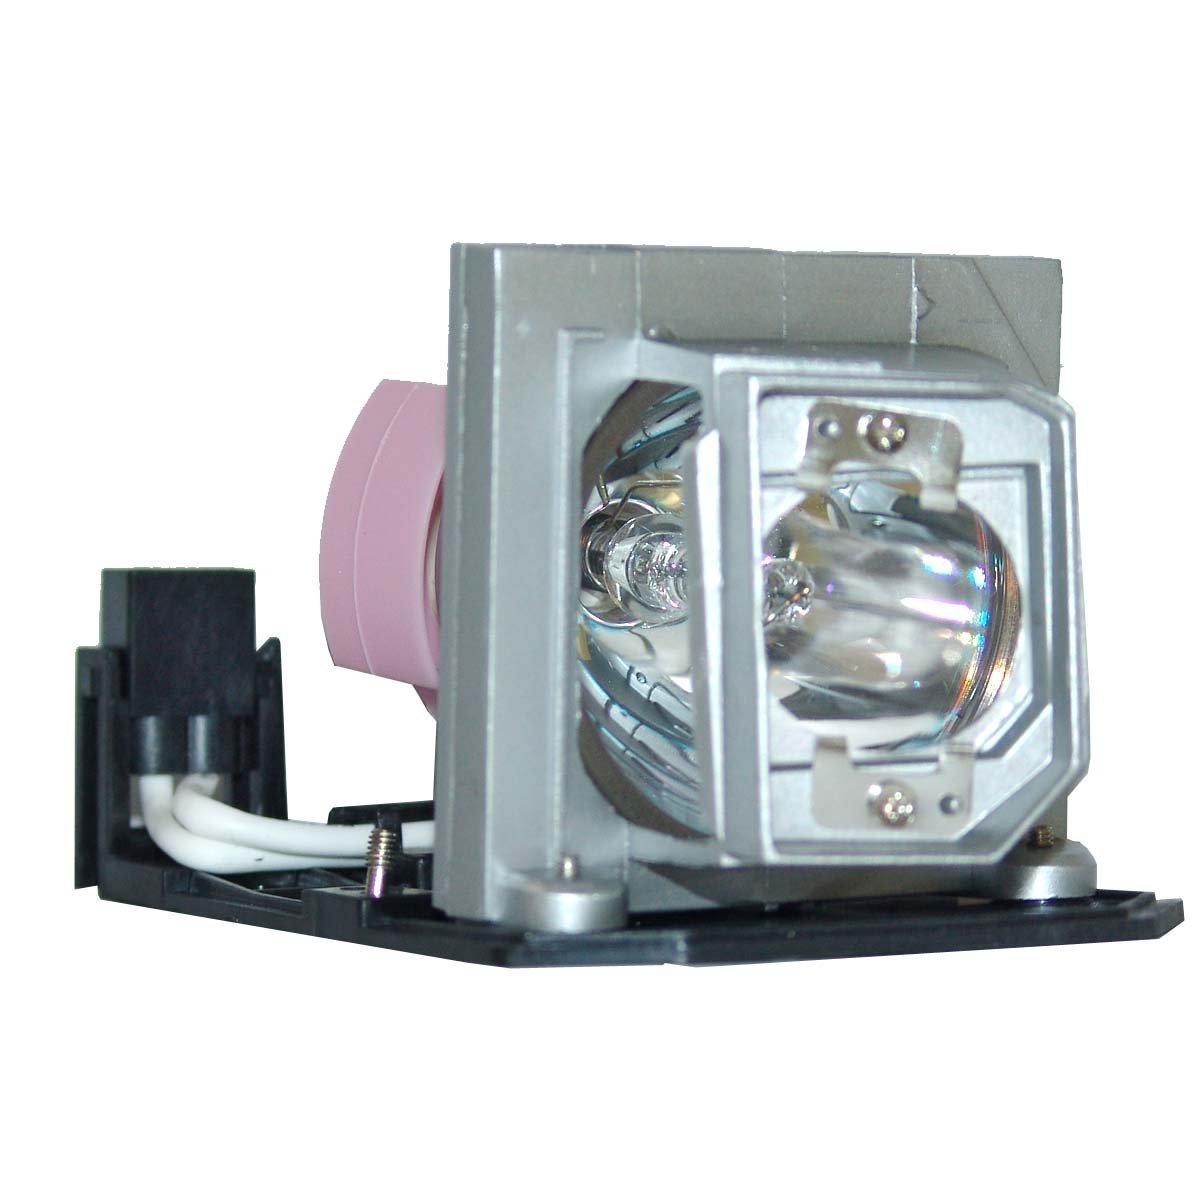 BL-FP180G fp180g SP. 8LG02GC01 lámpara para proyector Optoma DS322 ...